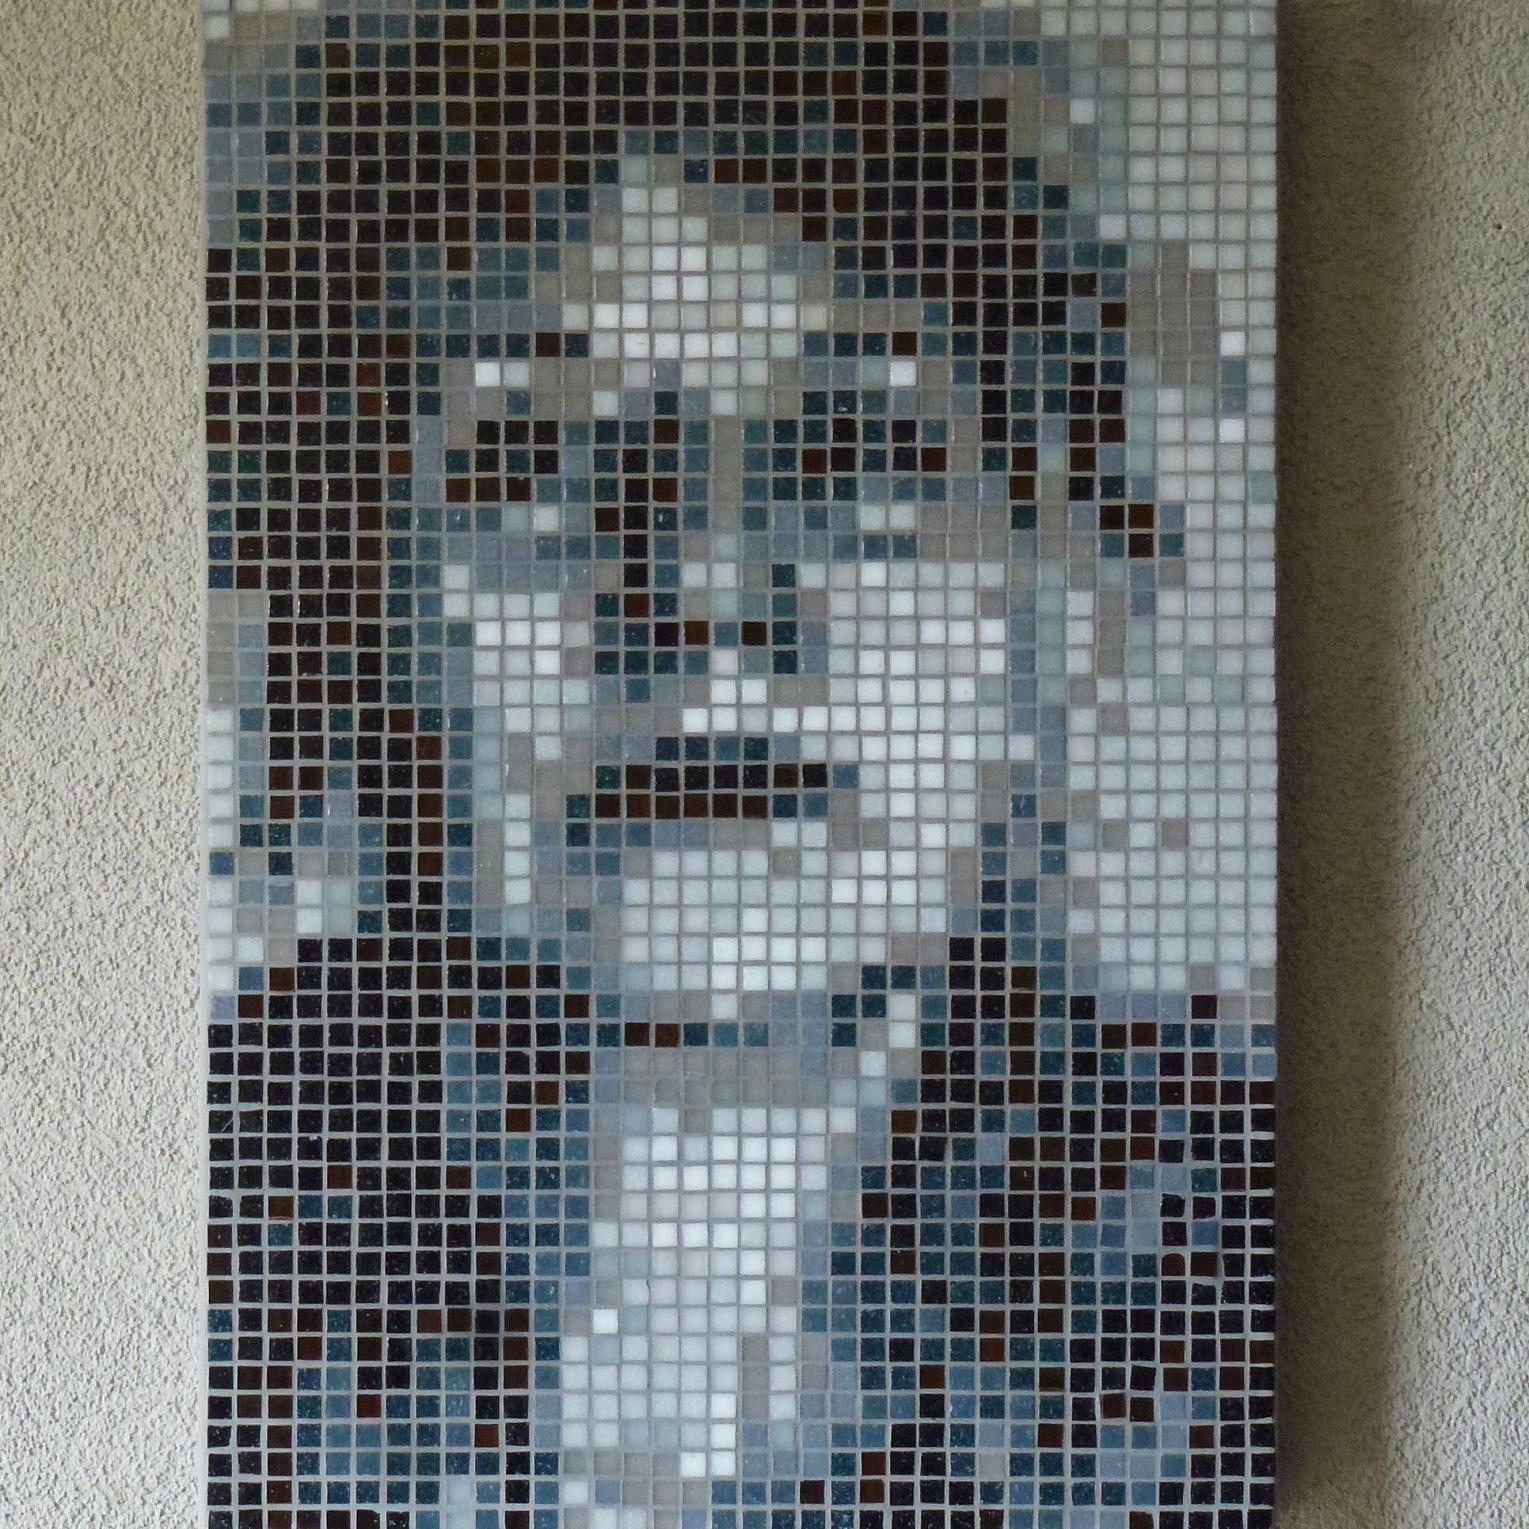 meg mercx mozaiekportret 1